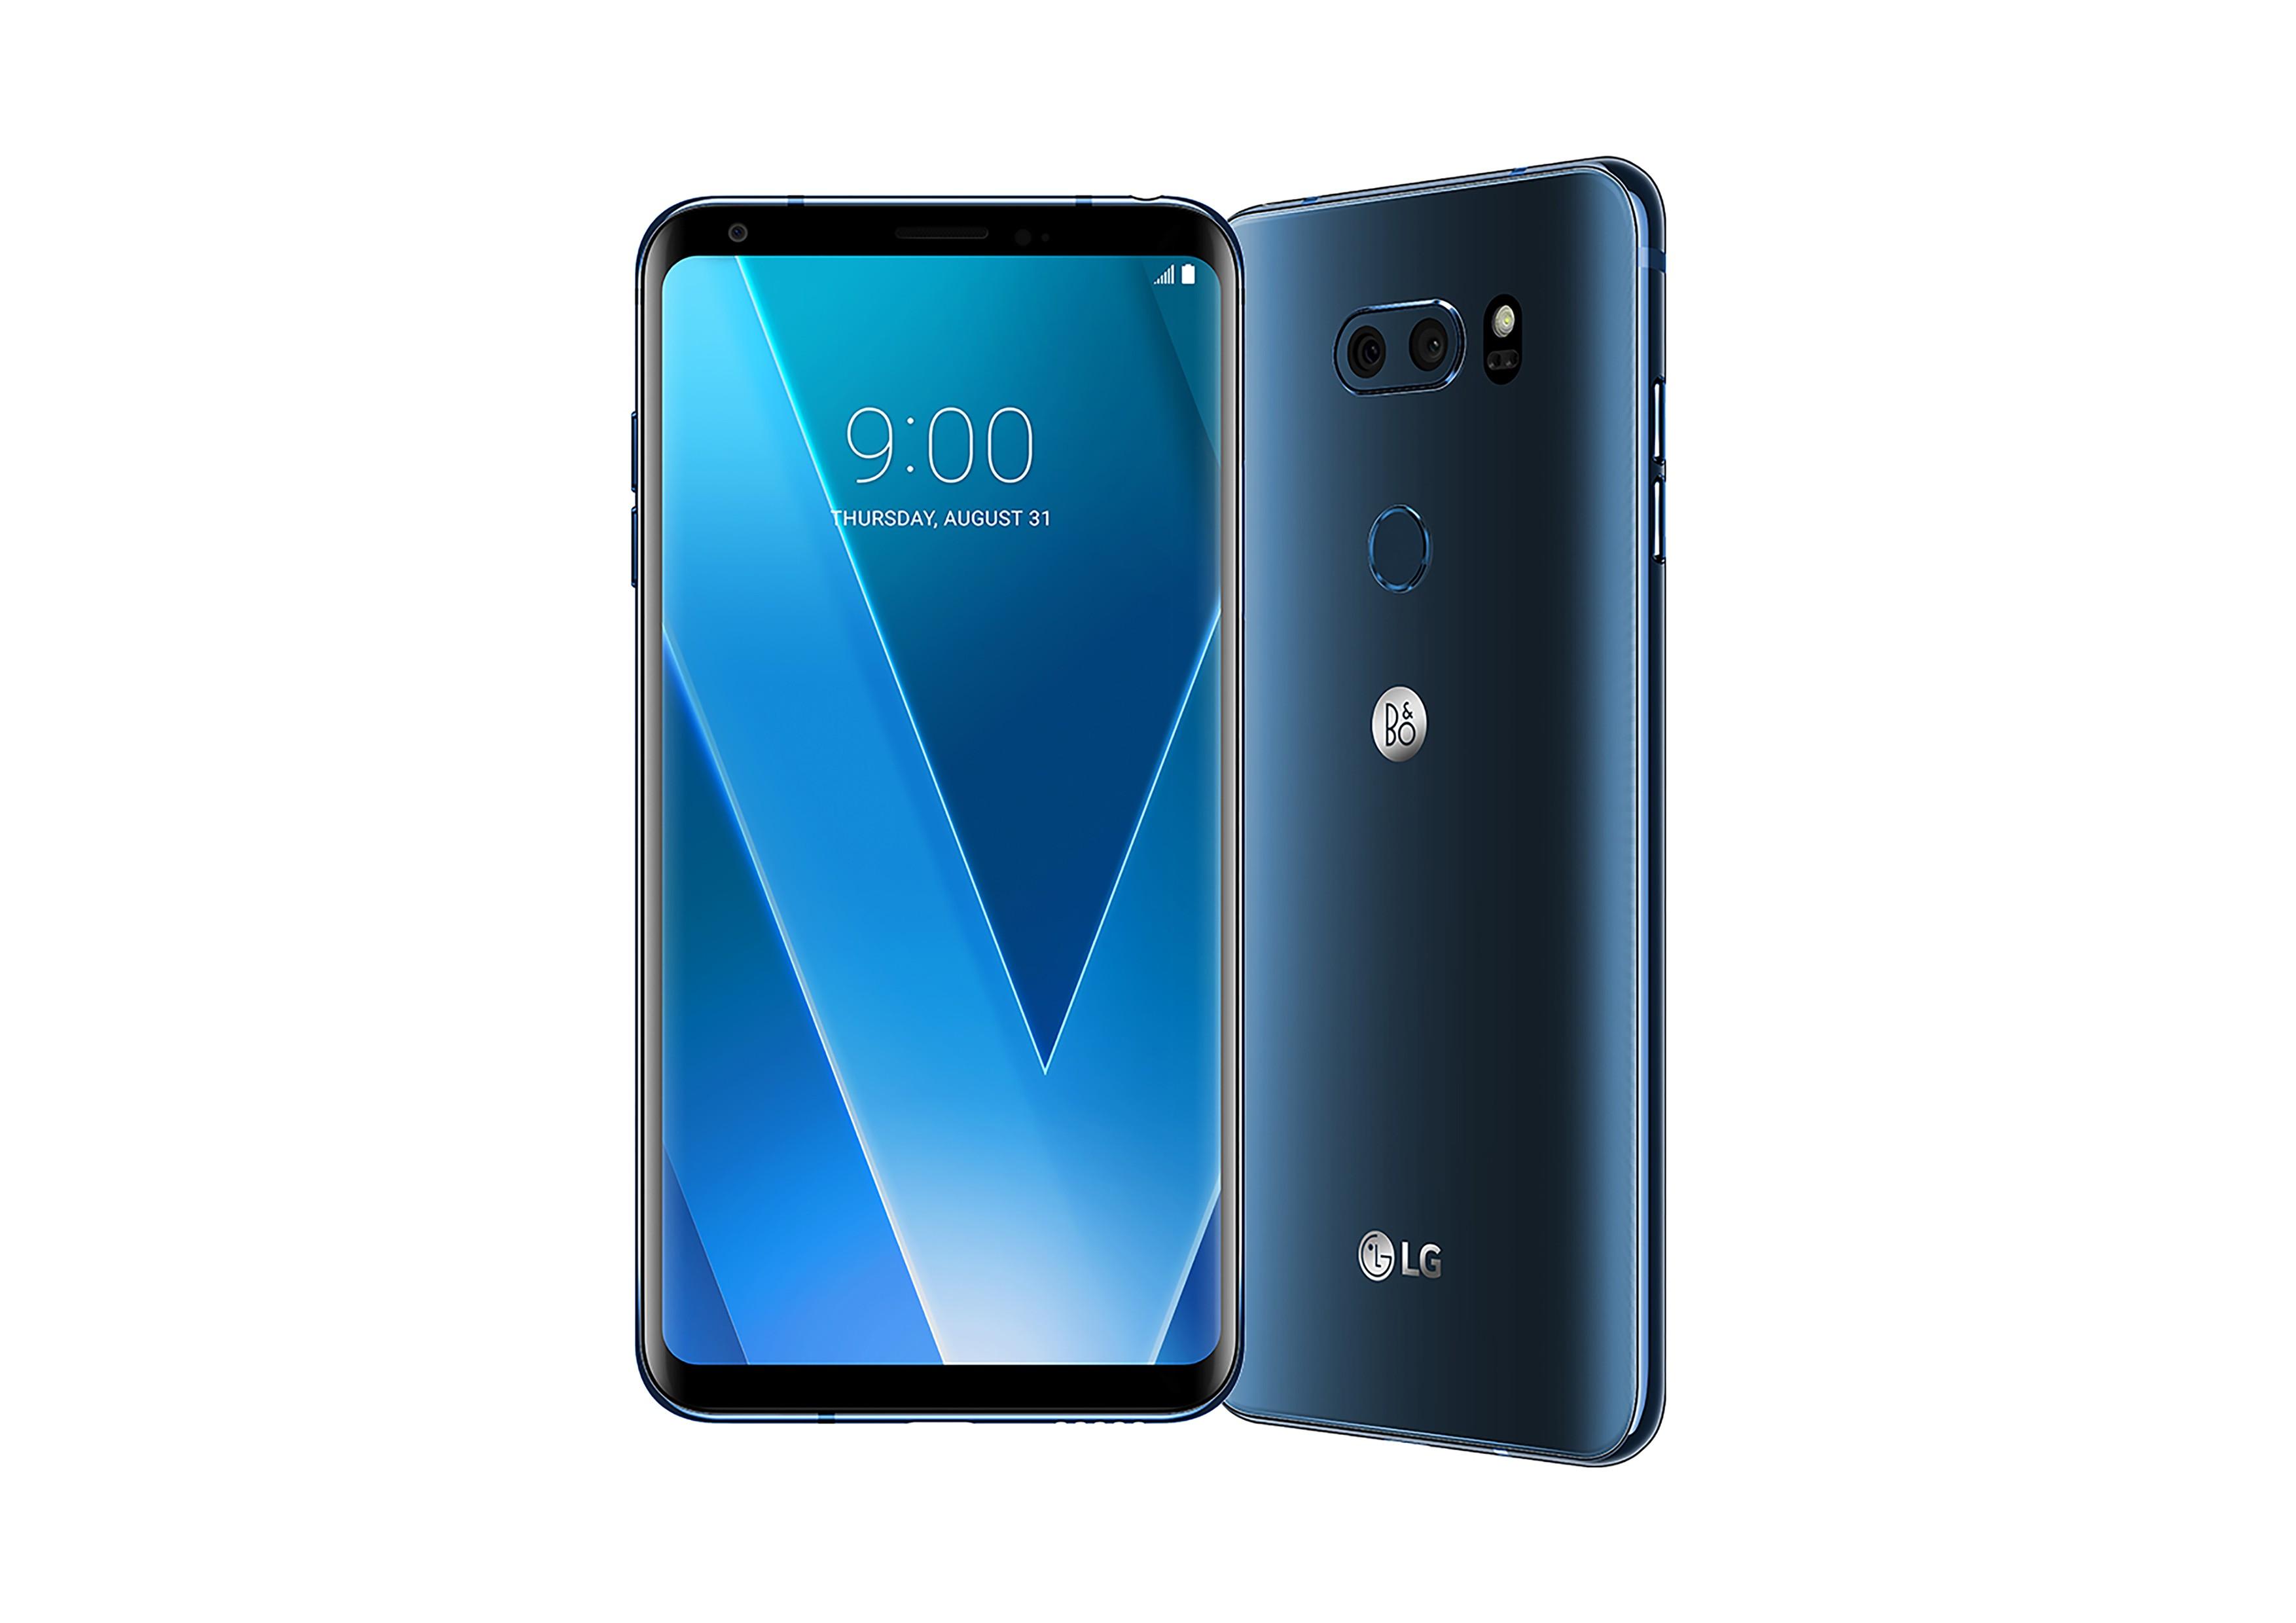 LG V30 digno rival de Galaxy S8?